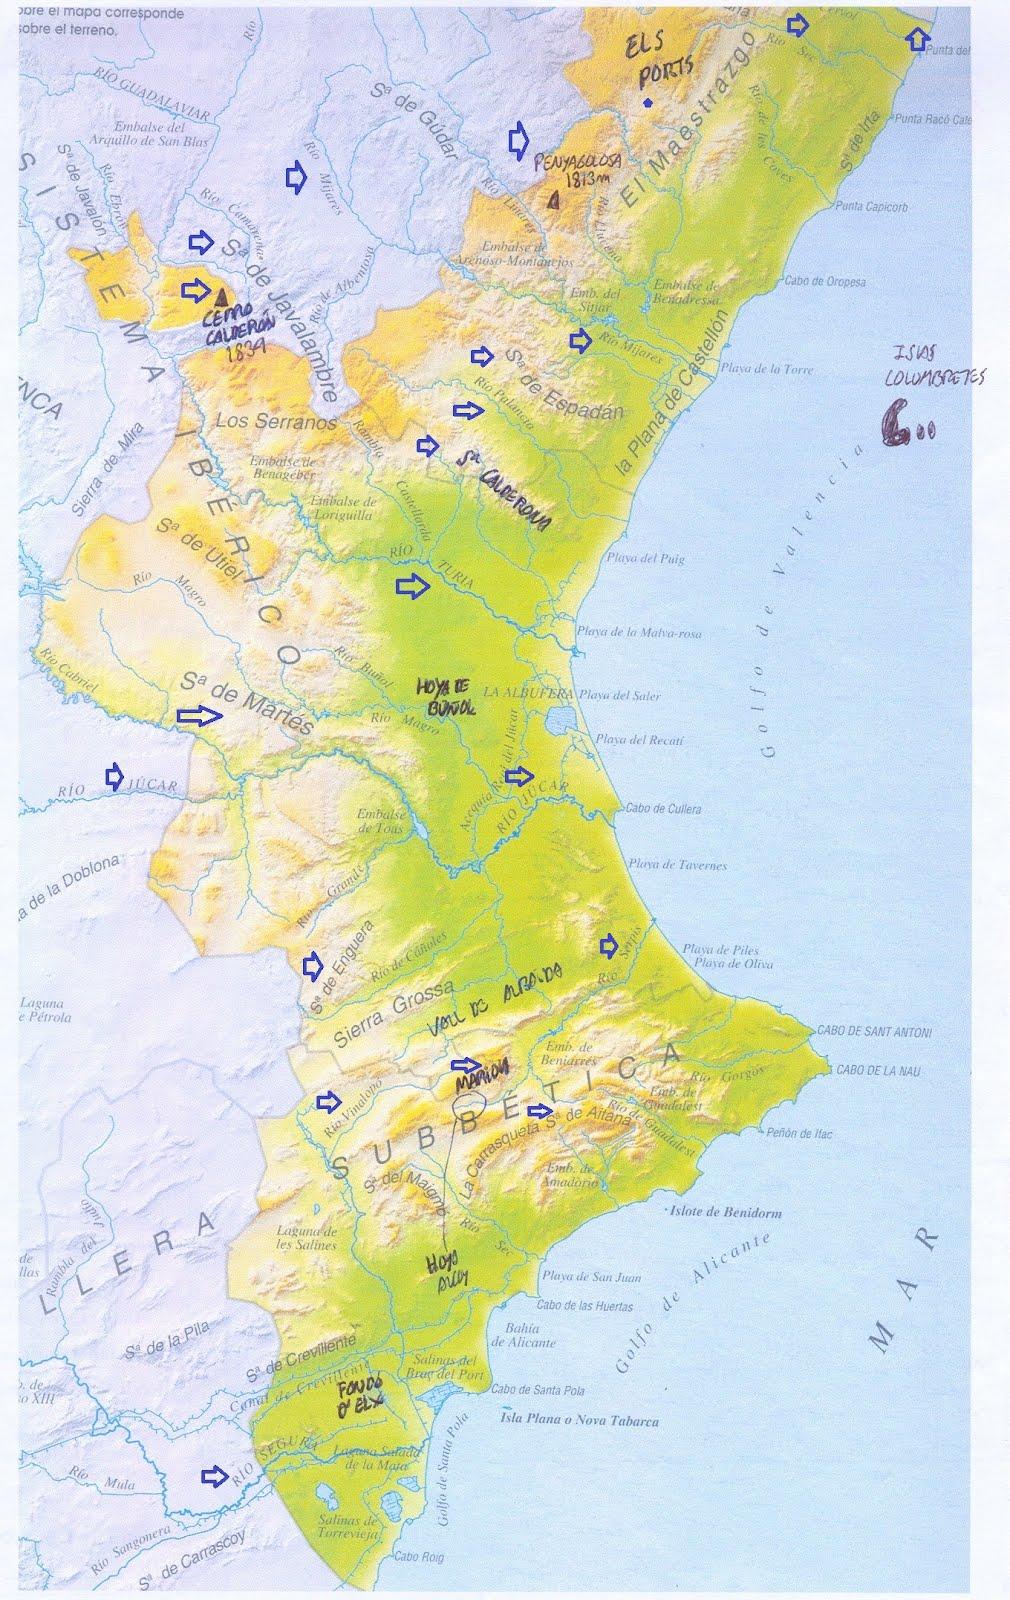 Mapa Fisico Comunitat Valenciana.La Clase De Vicente Mapa Fisico Comunidad Valenciana